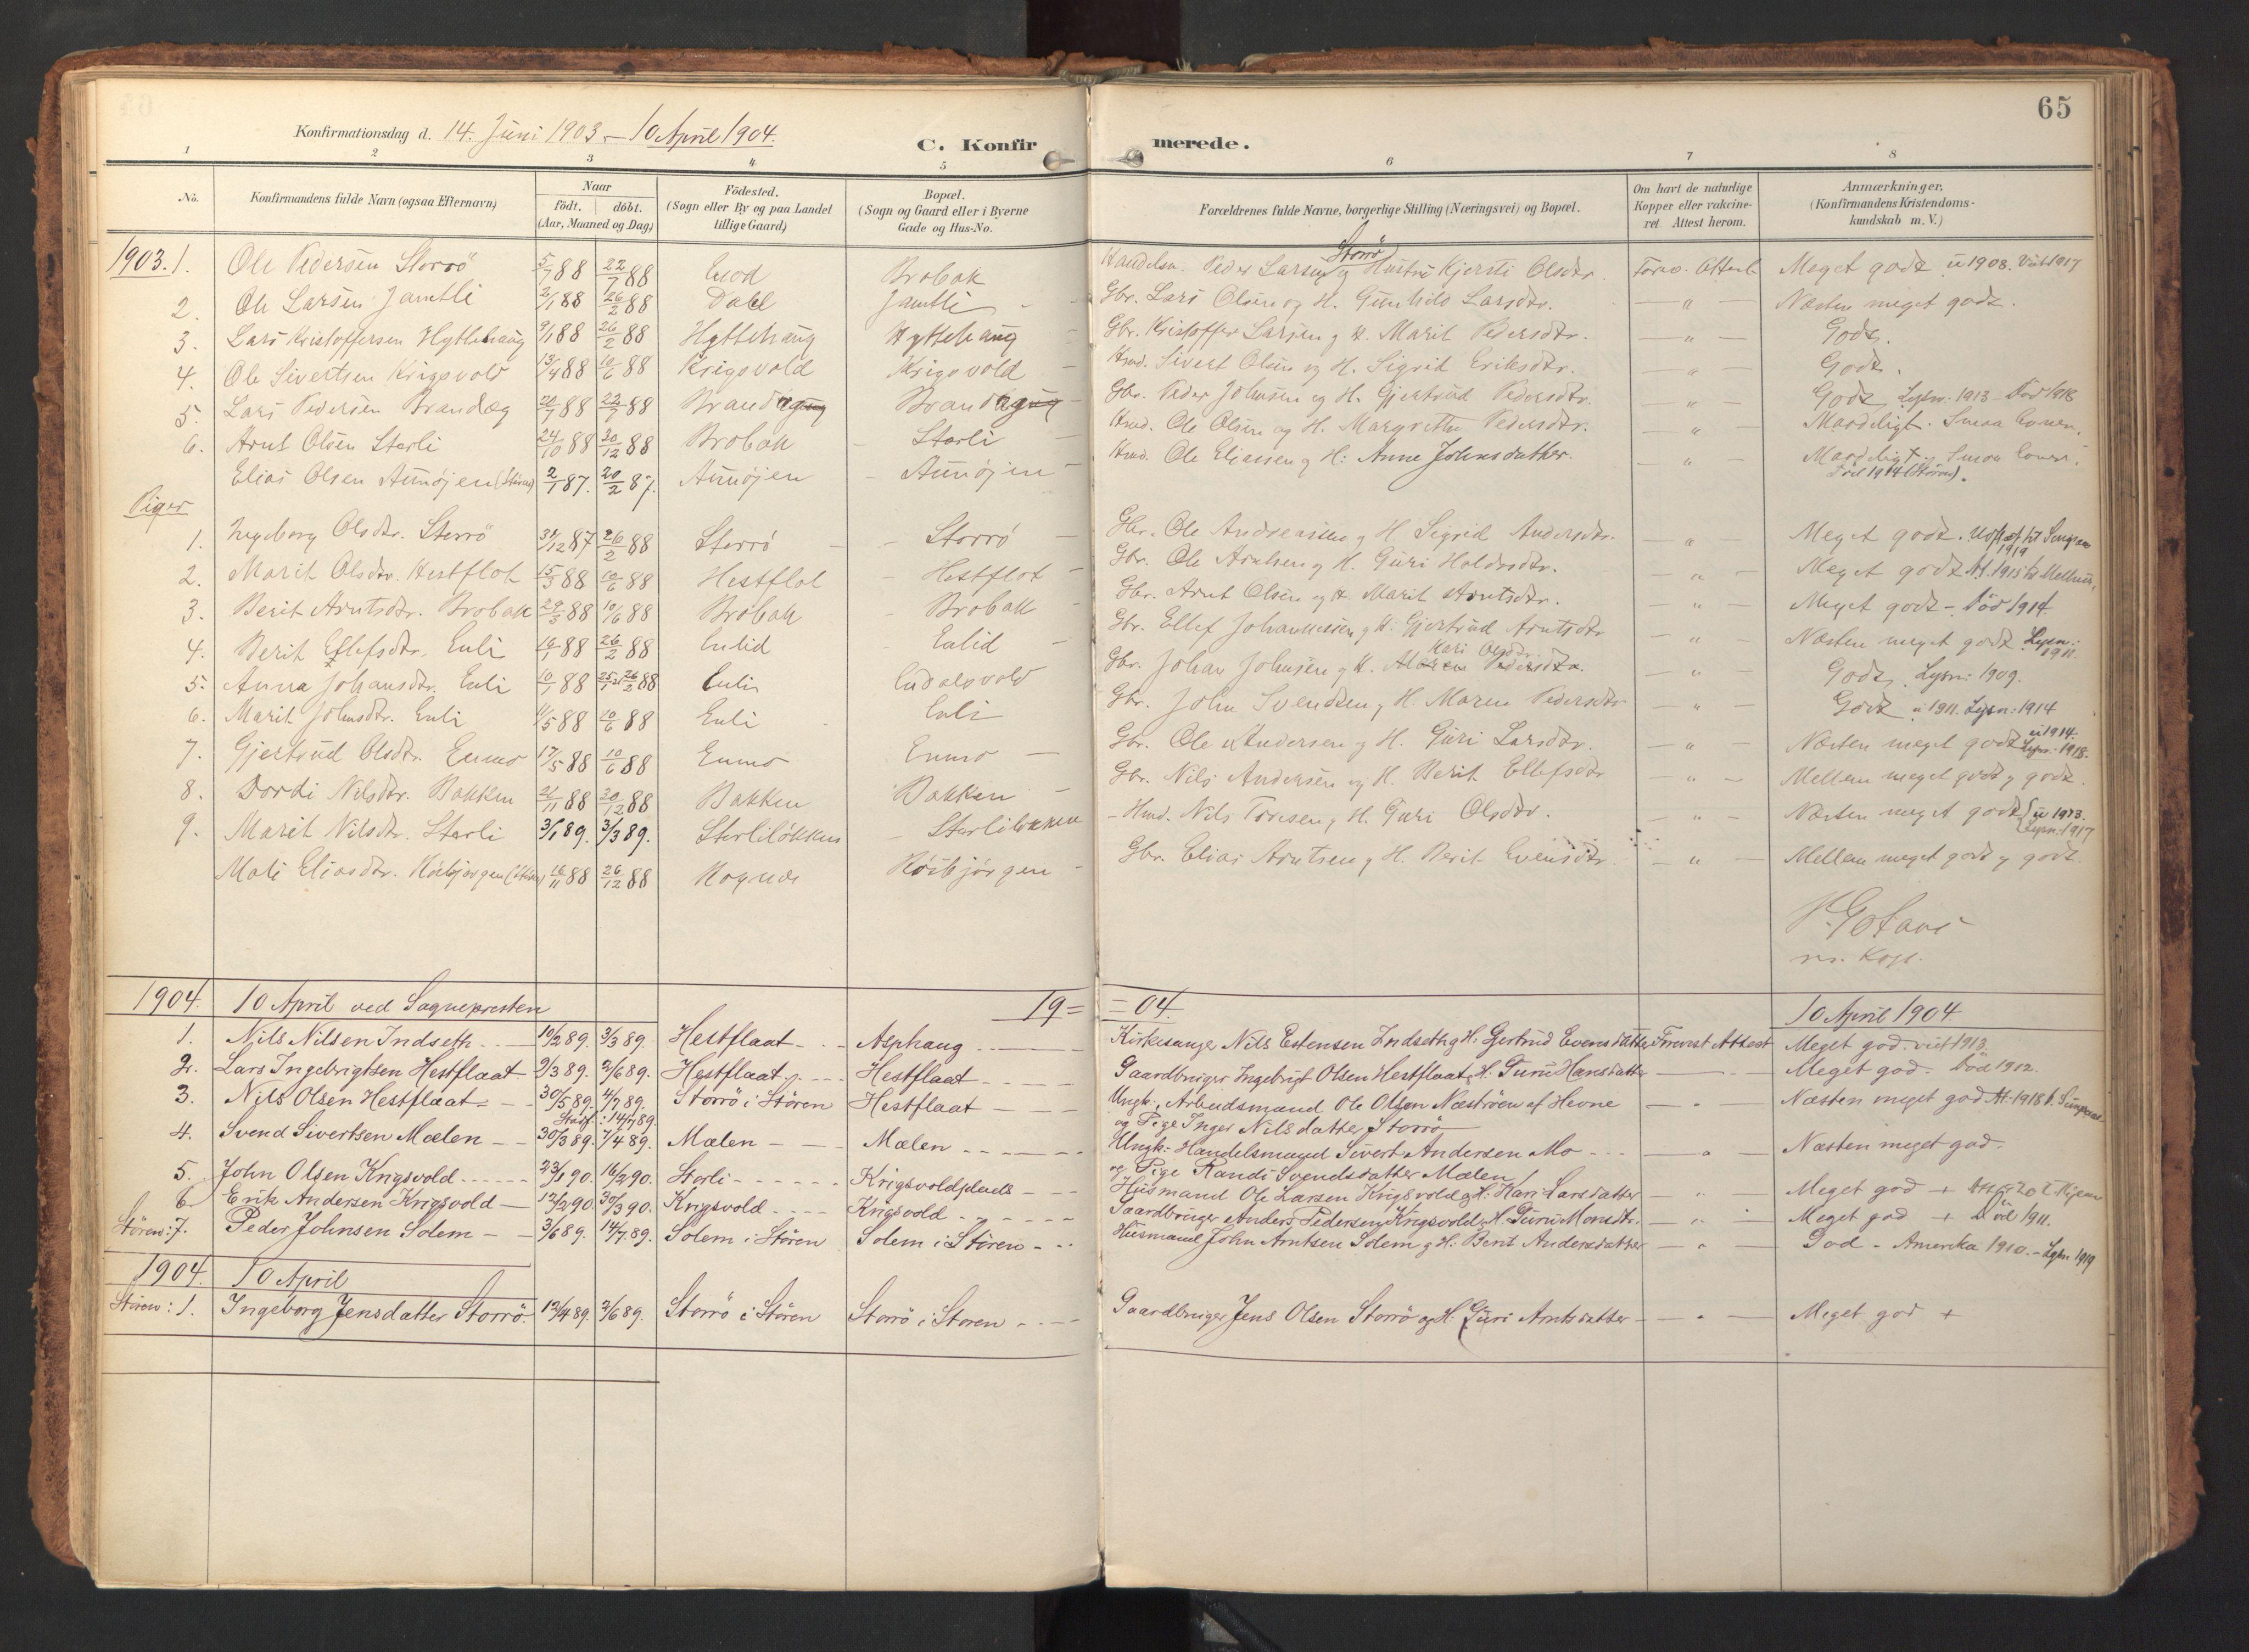 SAT, Ministerialprotokoller, klokkerbøker og fødselsregistre - Sør-Trøndelag, 690/L1050: Ministerialbok nr. 690A01, 1889-1929, s. 65